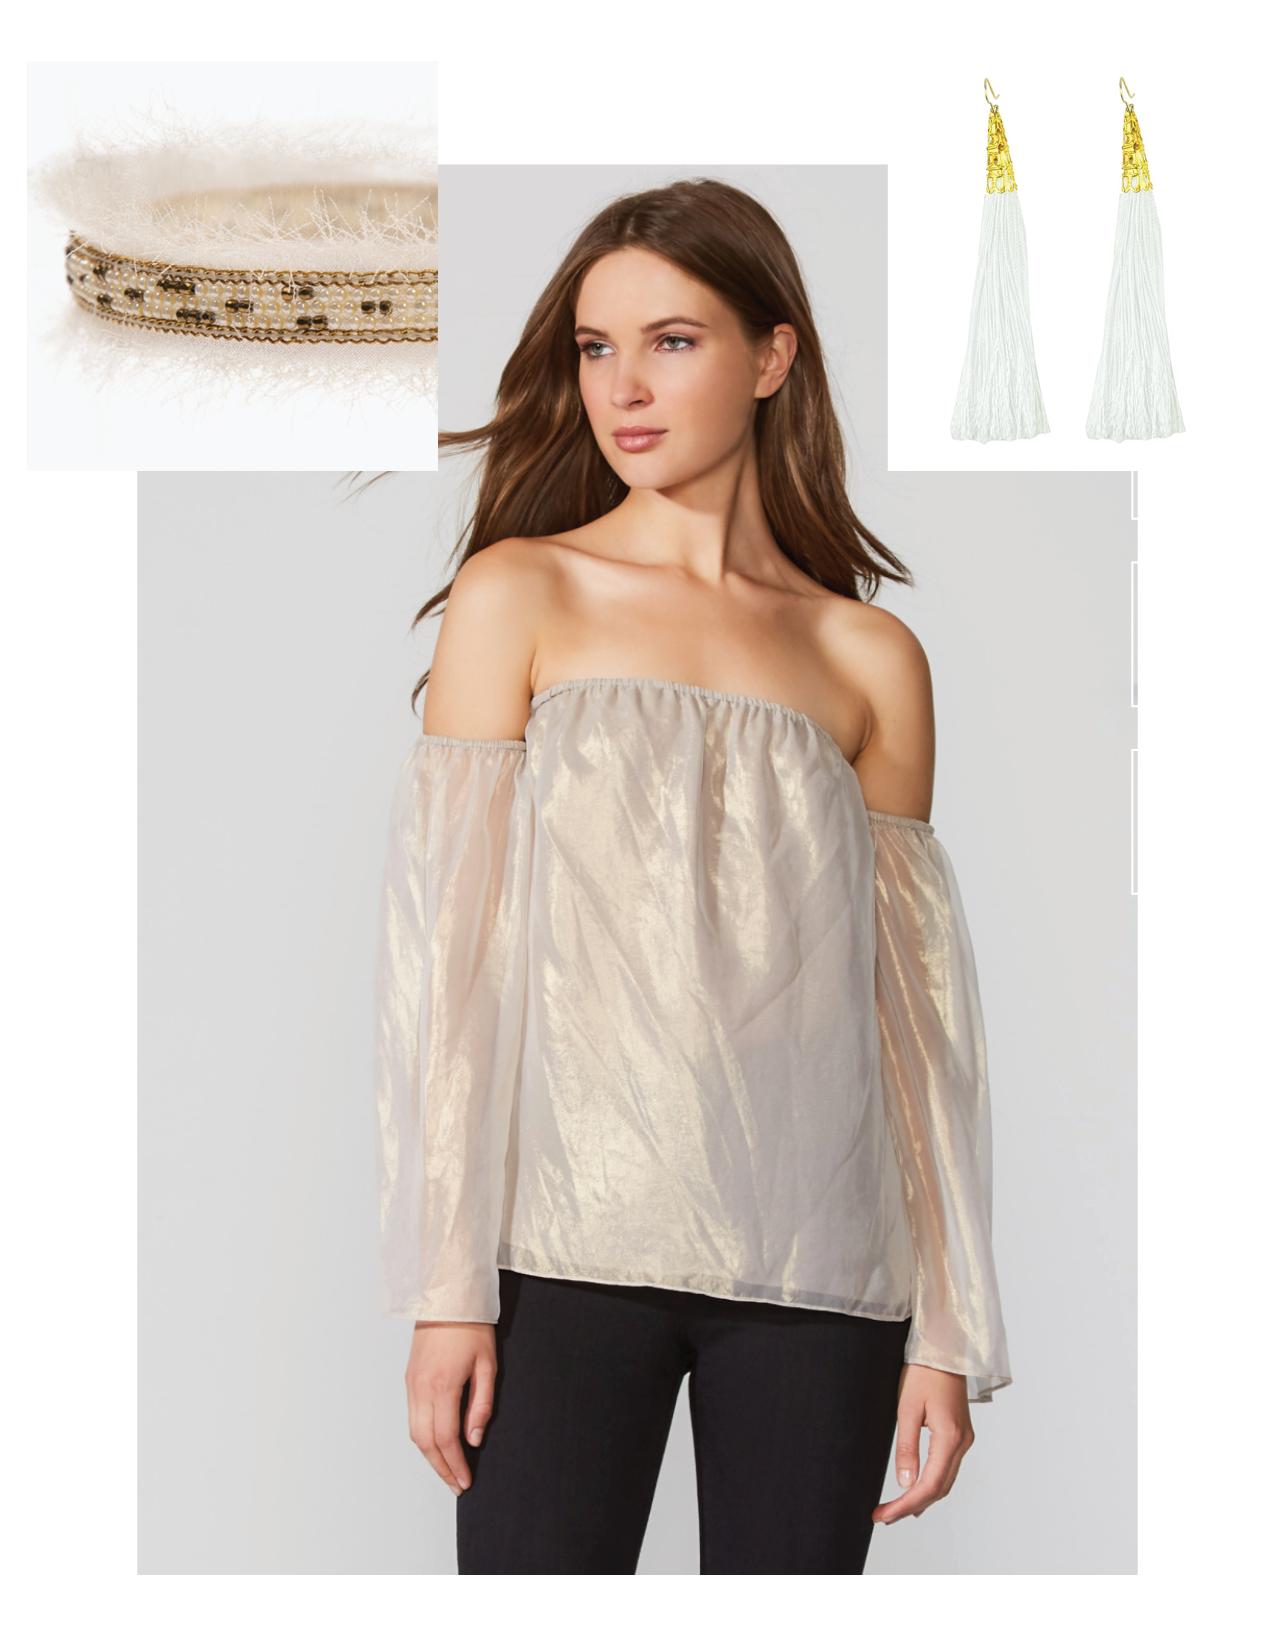 accessories_goldshoulder.png